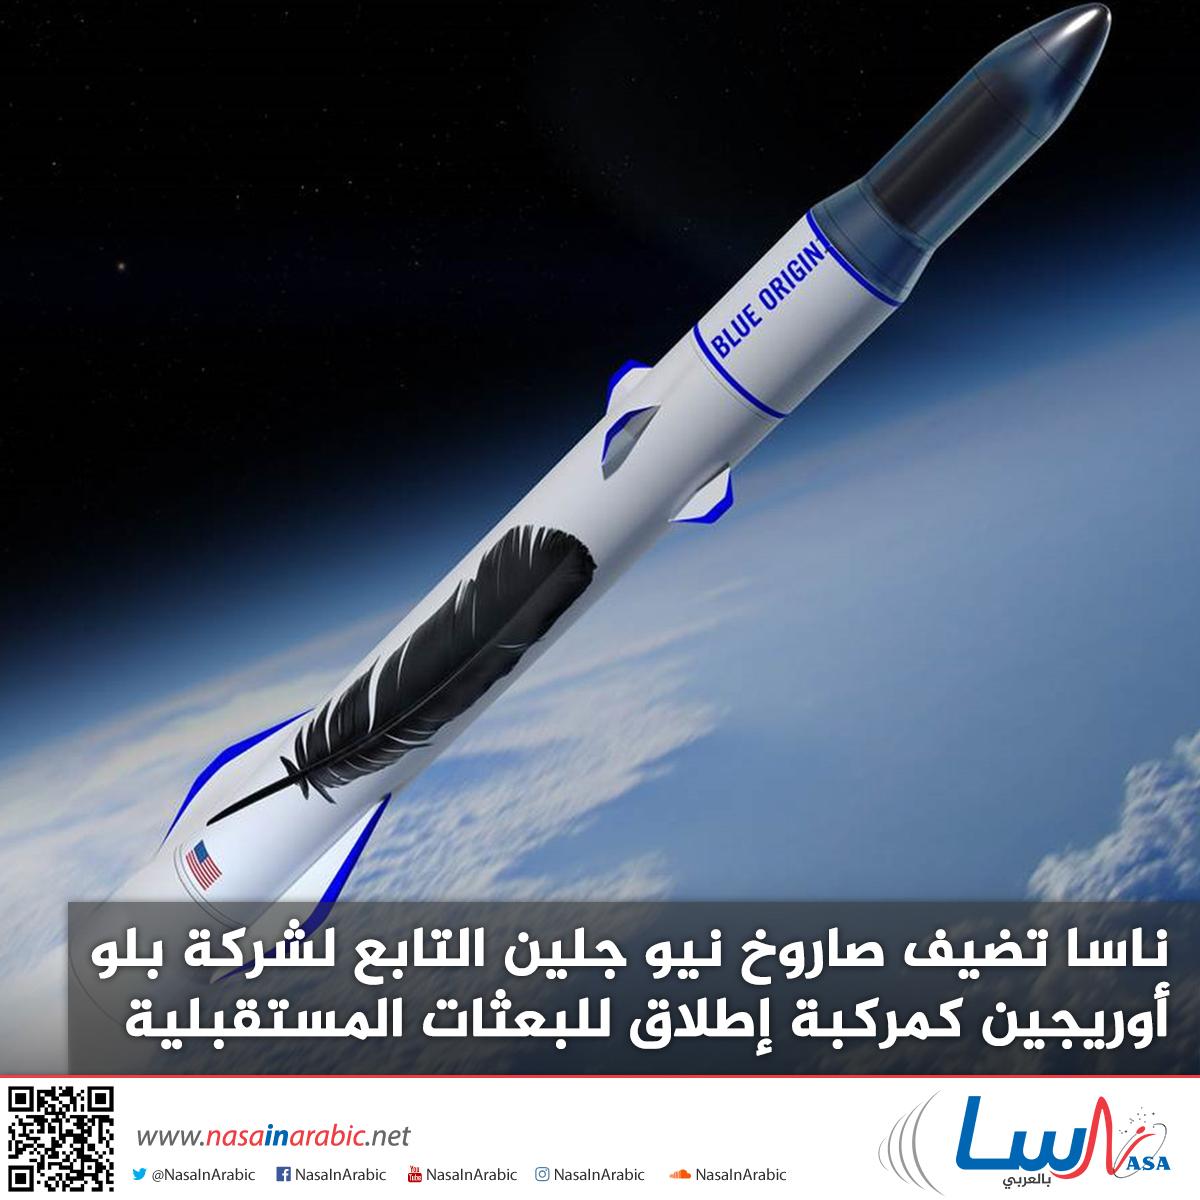 ناسا تضيف صاروخ نيو جلين التابع لشركة بلو أوريجين كمركبة إطلاق للبعثات المستقبلية